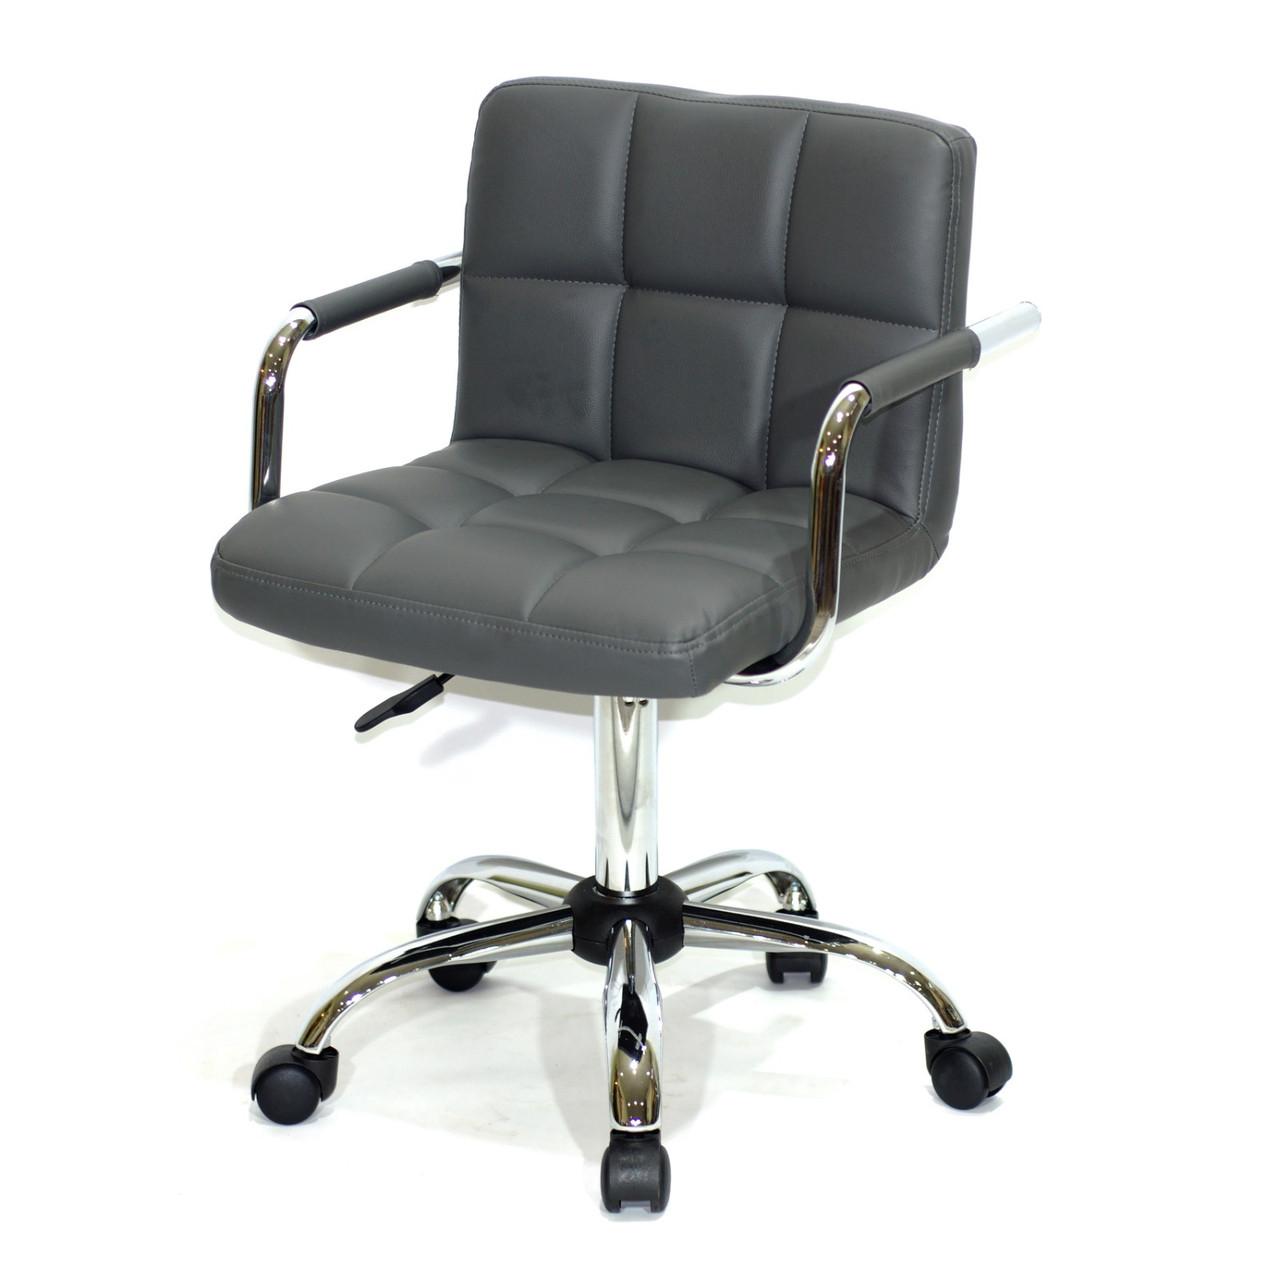 Комп'ютерне крісло сіре з підлокітниками на коліщатках ARNO-Arm CH-OFFICE еко-шкіра